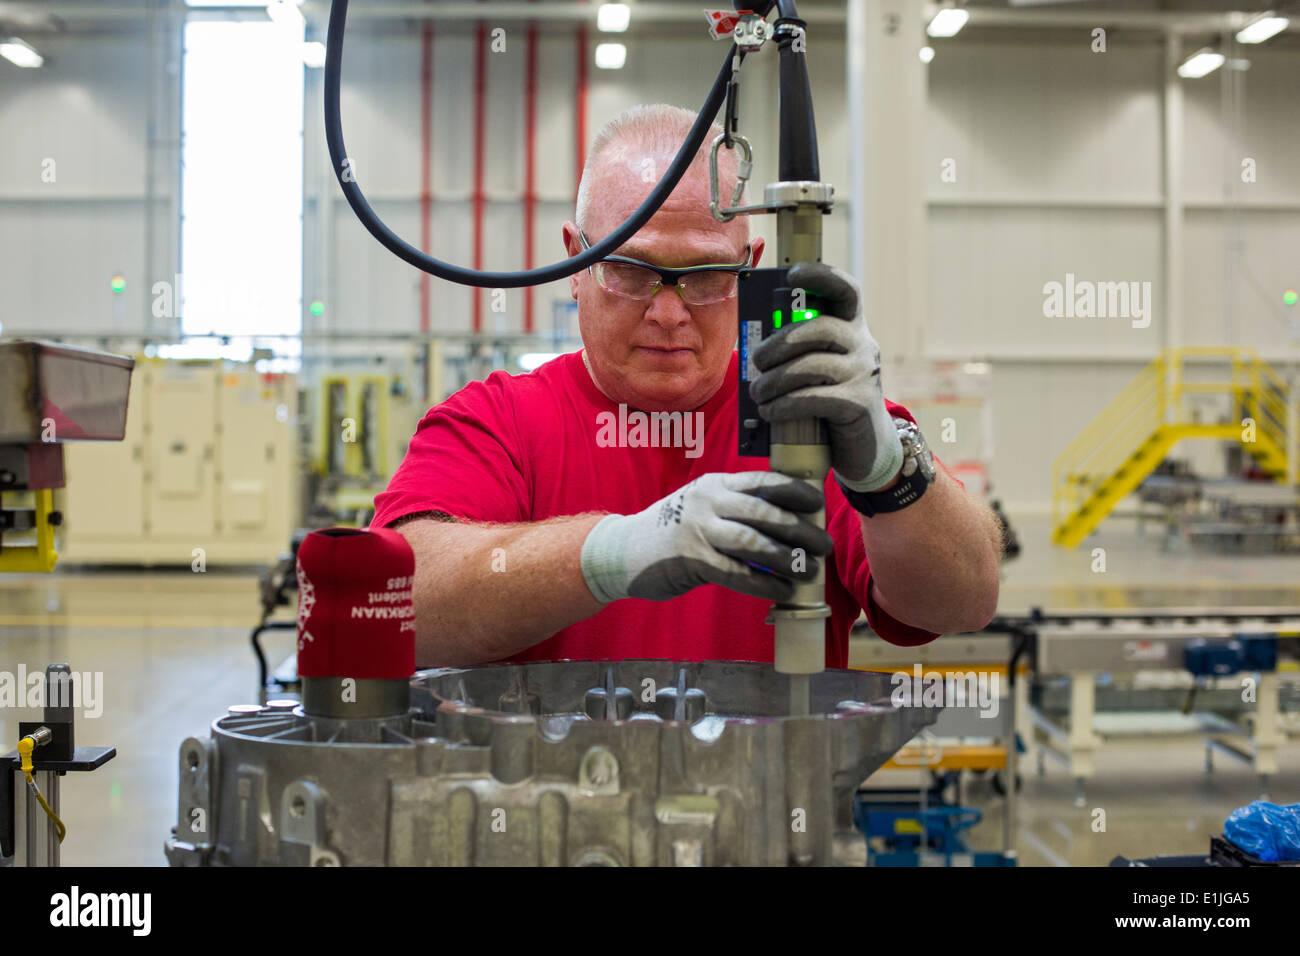 Tipton, Indiana - Workers at Chrysler's Tipton Transmission